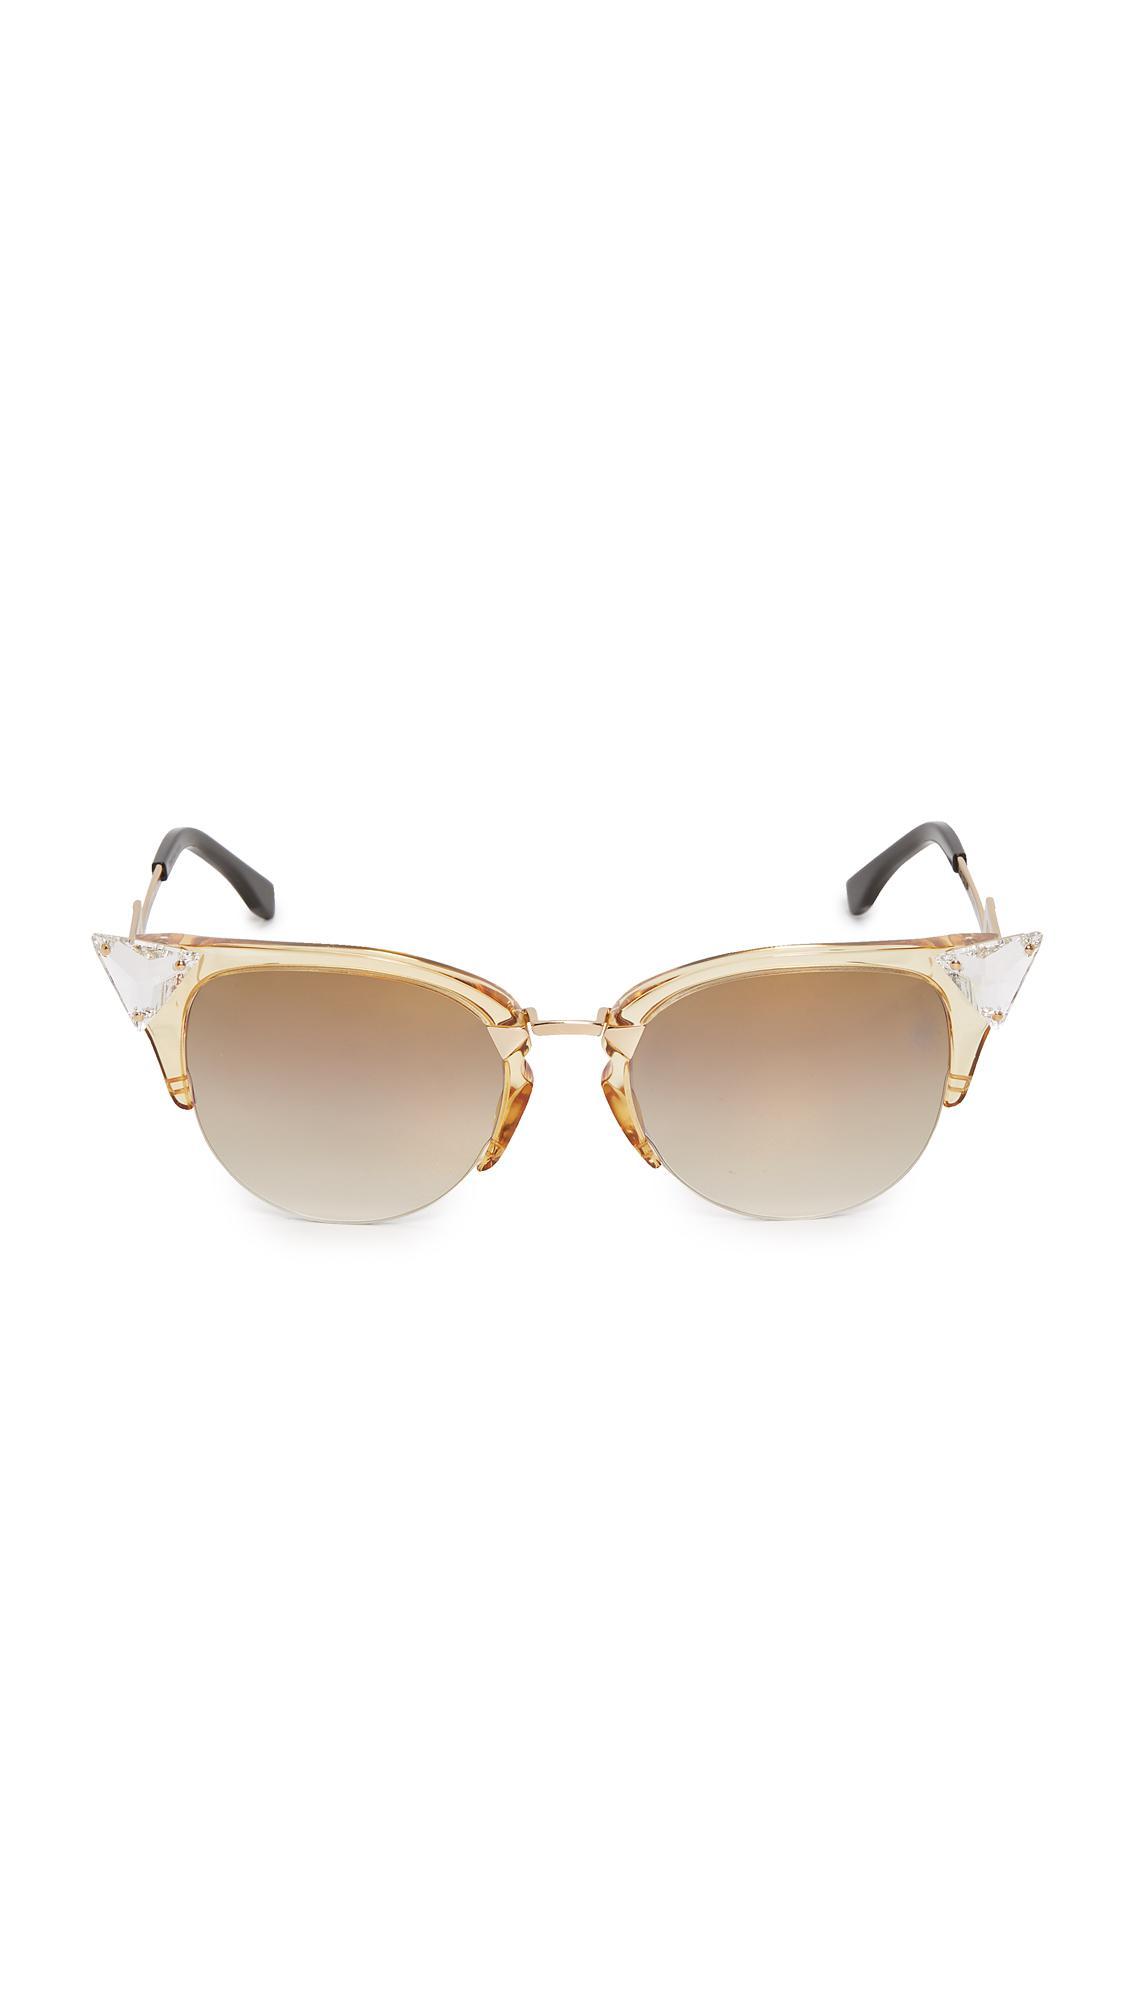 899c01c77b4 Lyst - Fendi Iridia Crystal Corner Sunglasses